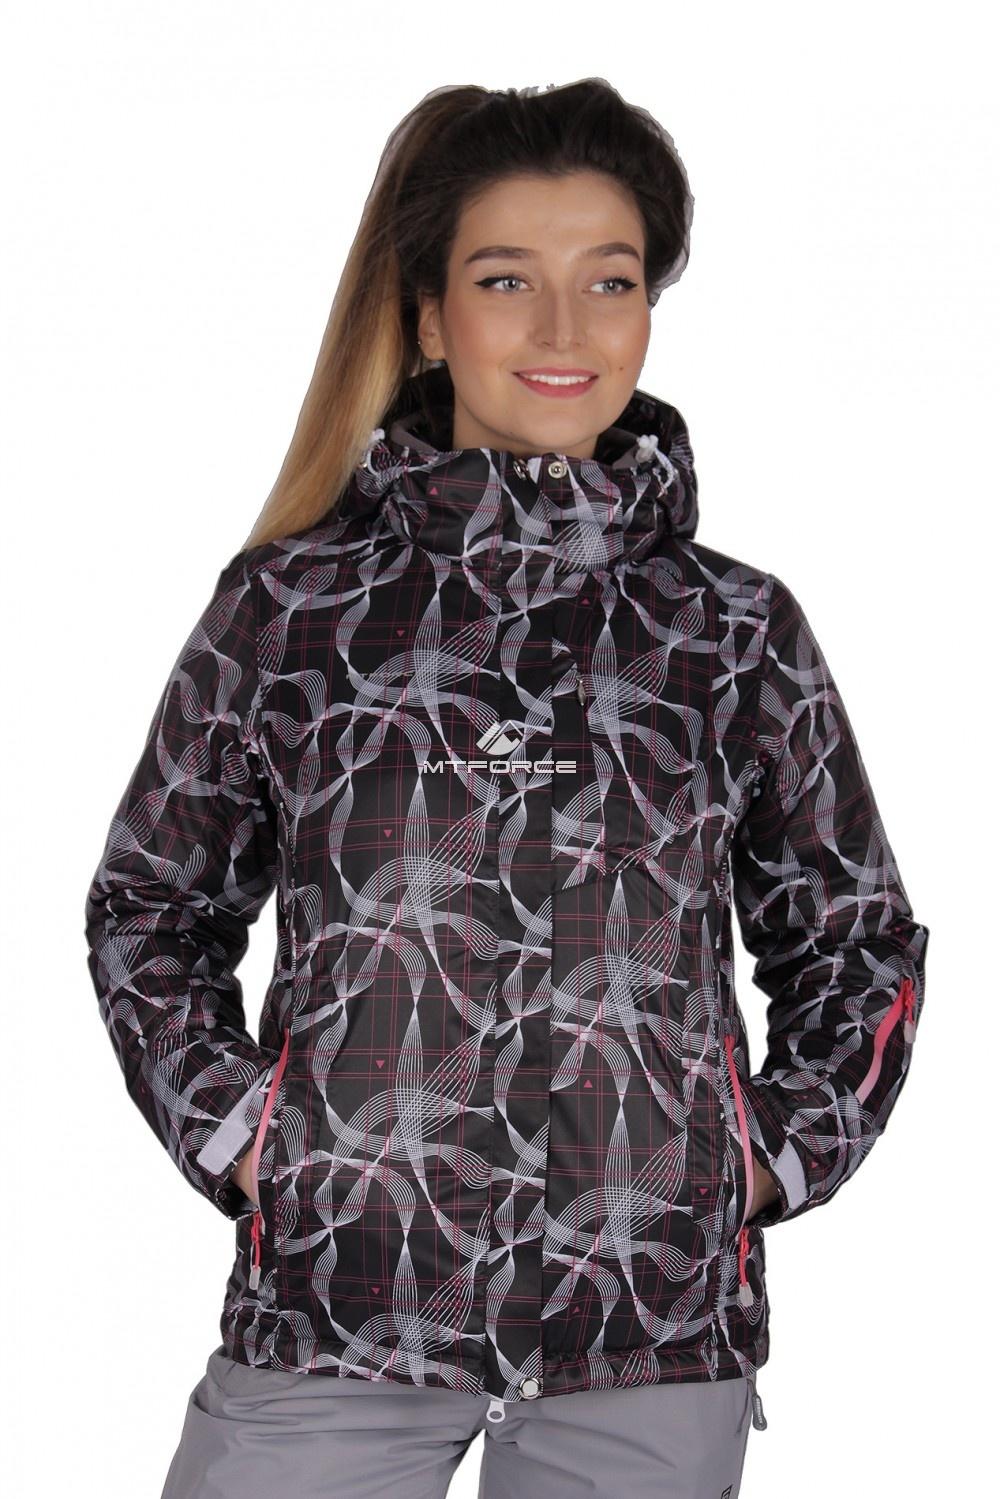 Купить                                  оптом Куртка спортивная женская демисезонная черного цвета 1710Ch в Новосибирске